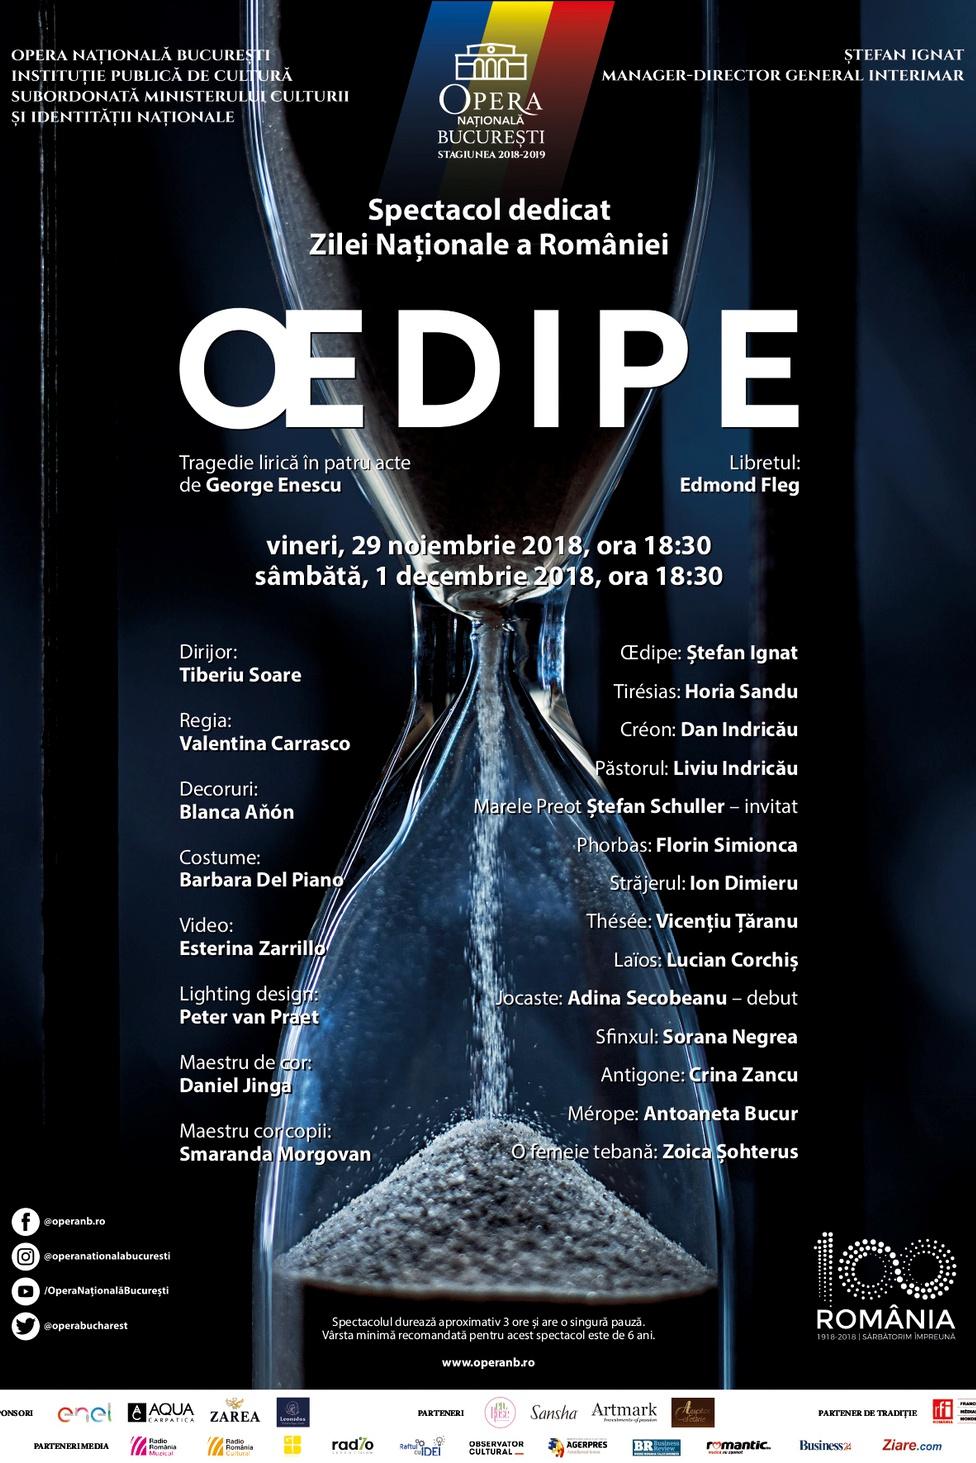 Oedipe - George Enescu la Opera Națională București